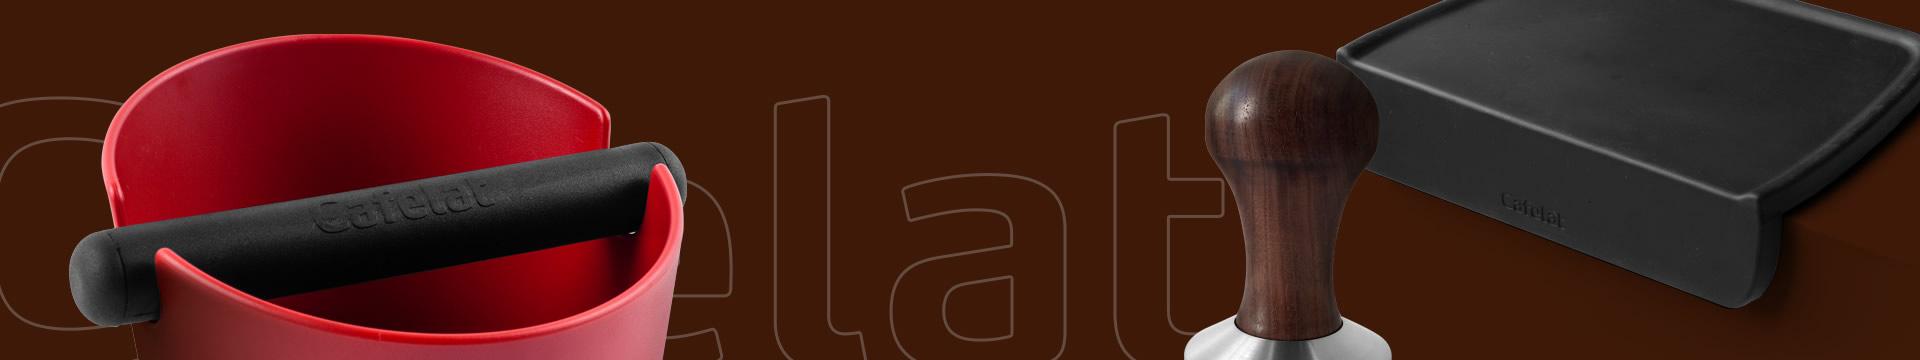 Banner image of Cafelat